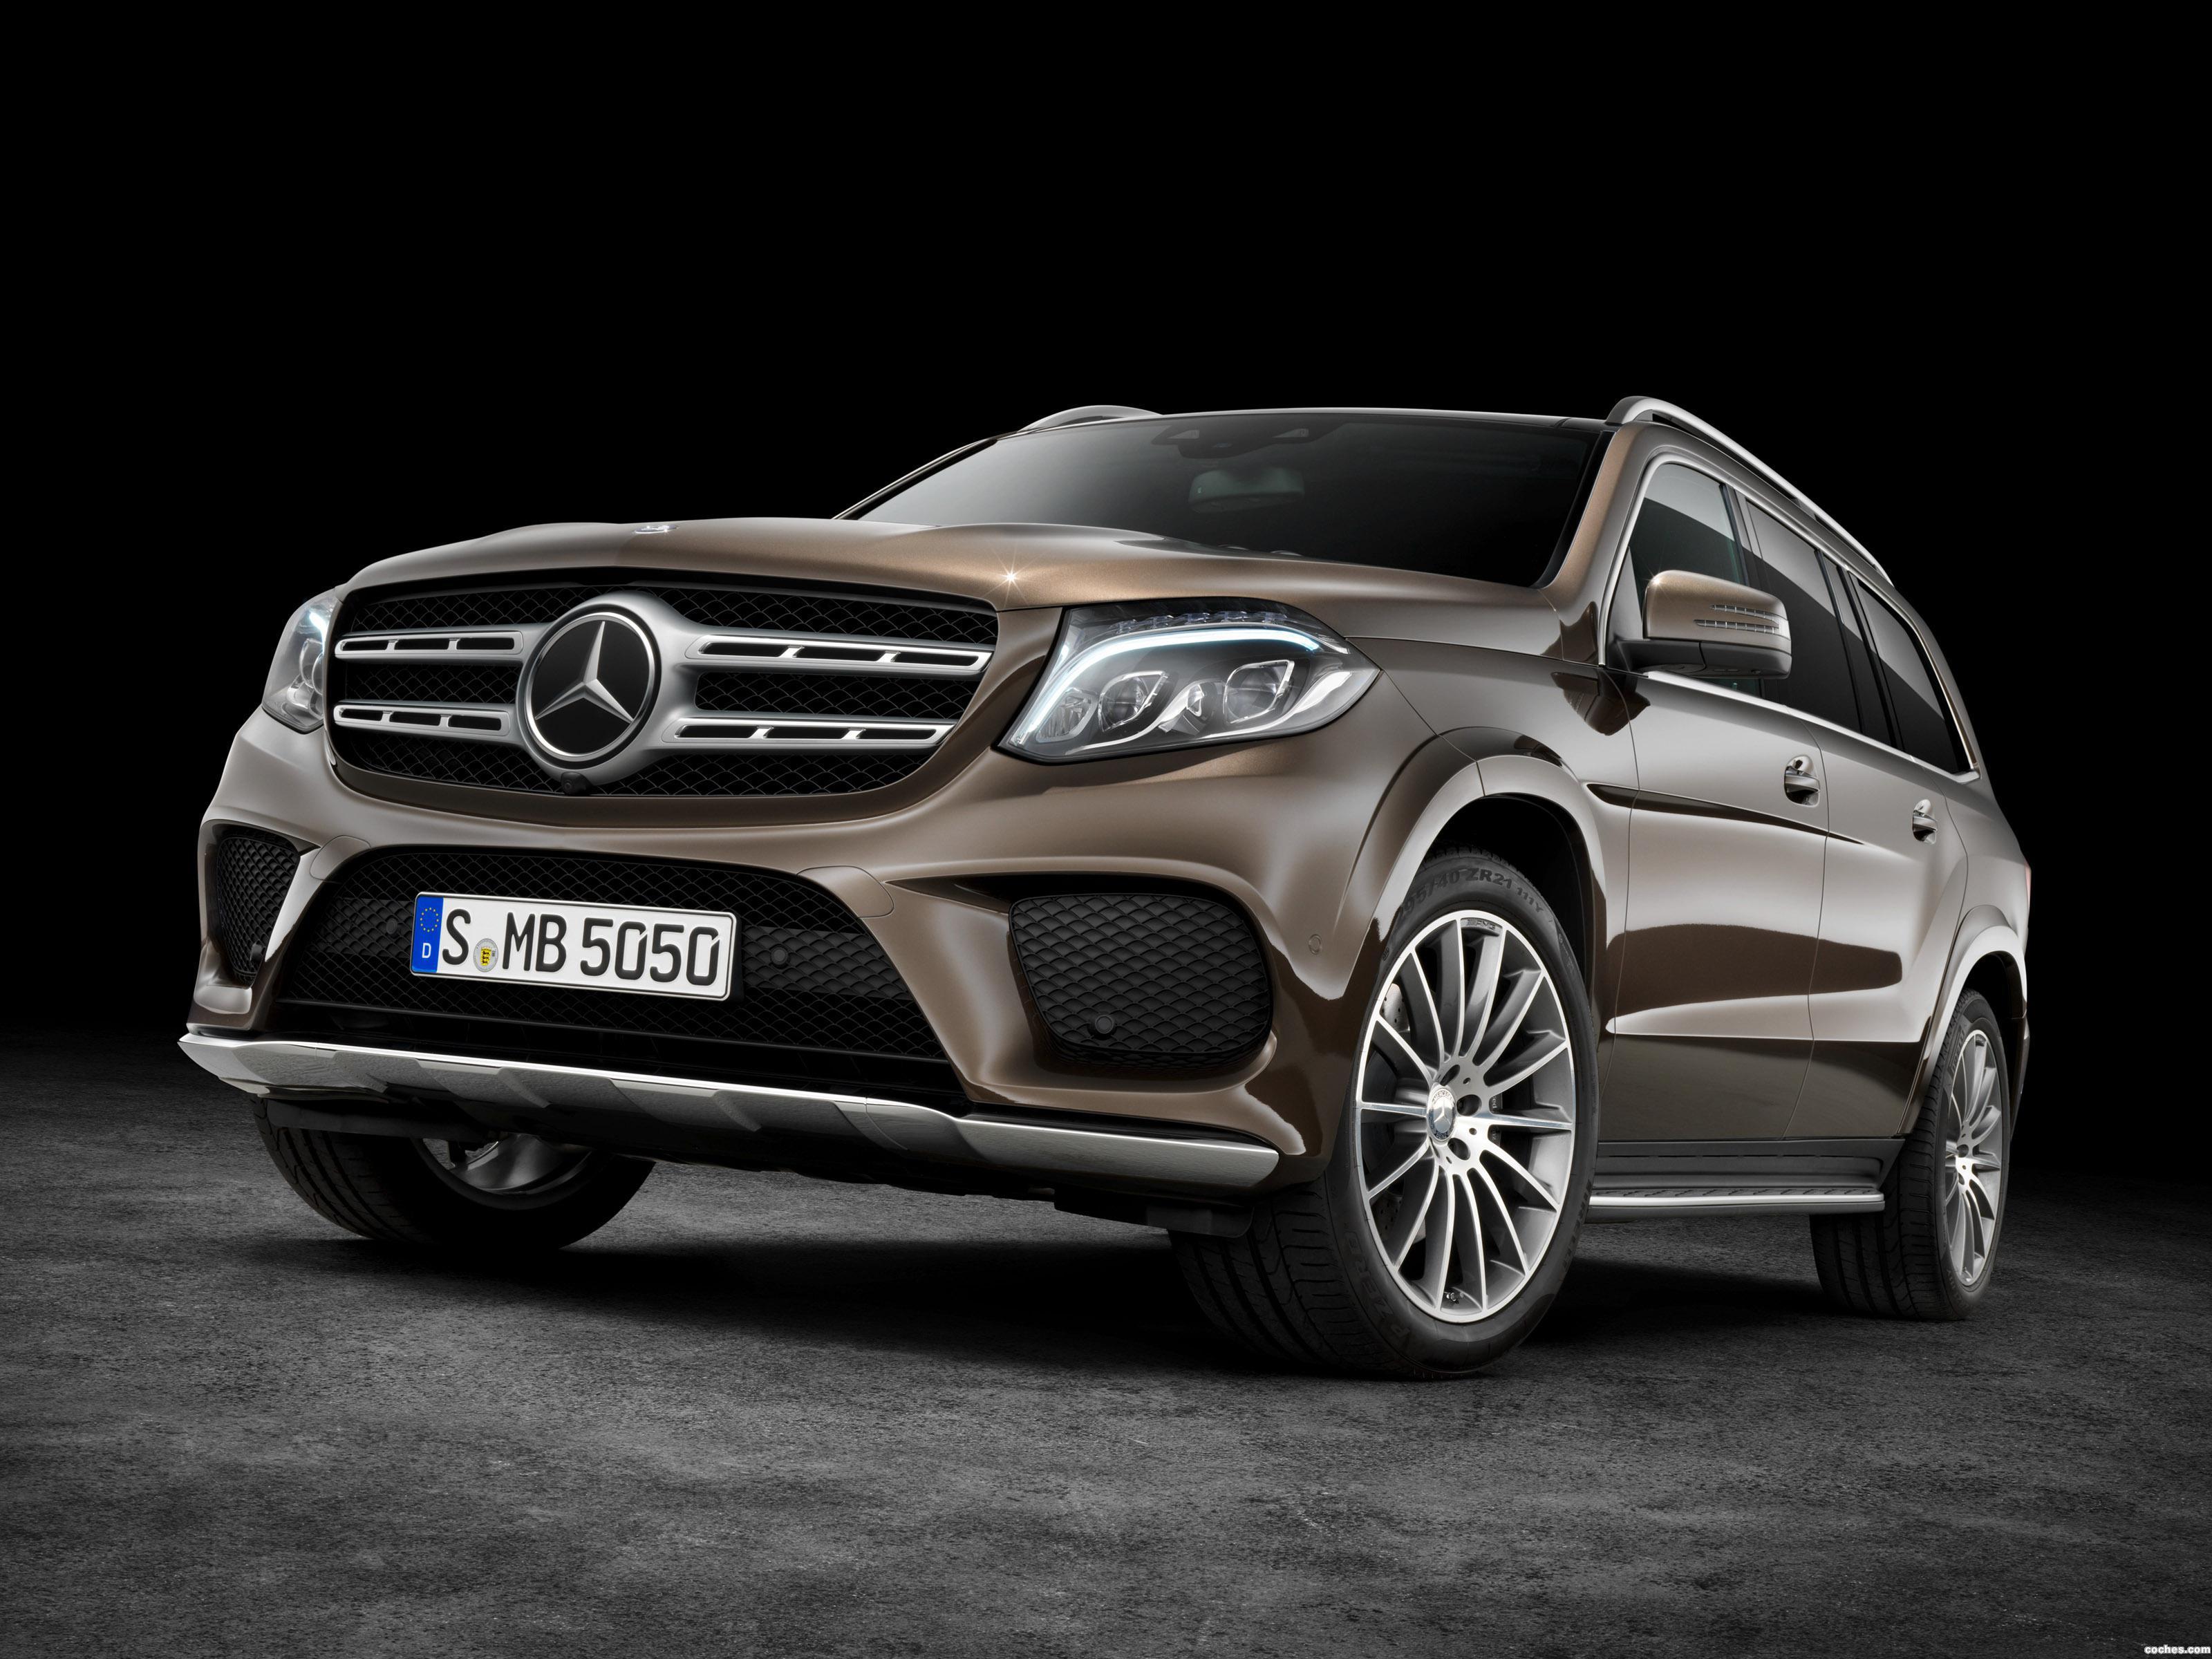 Foto 0 de Mercedes GLS 500 4Matic AMG Line X166  2015